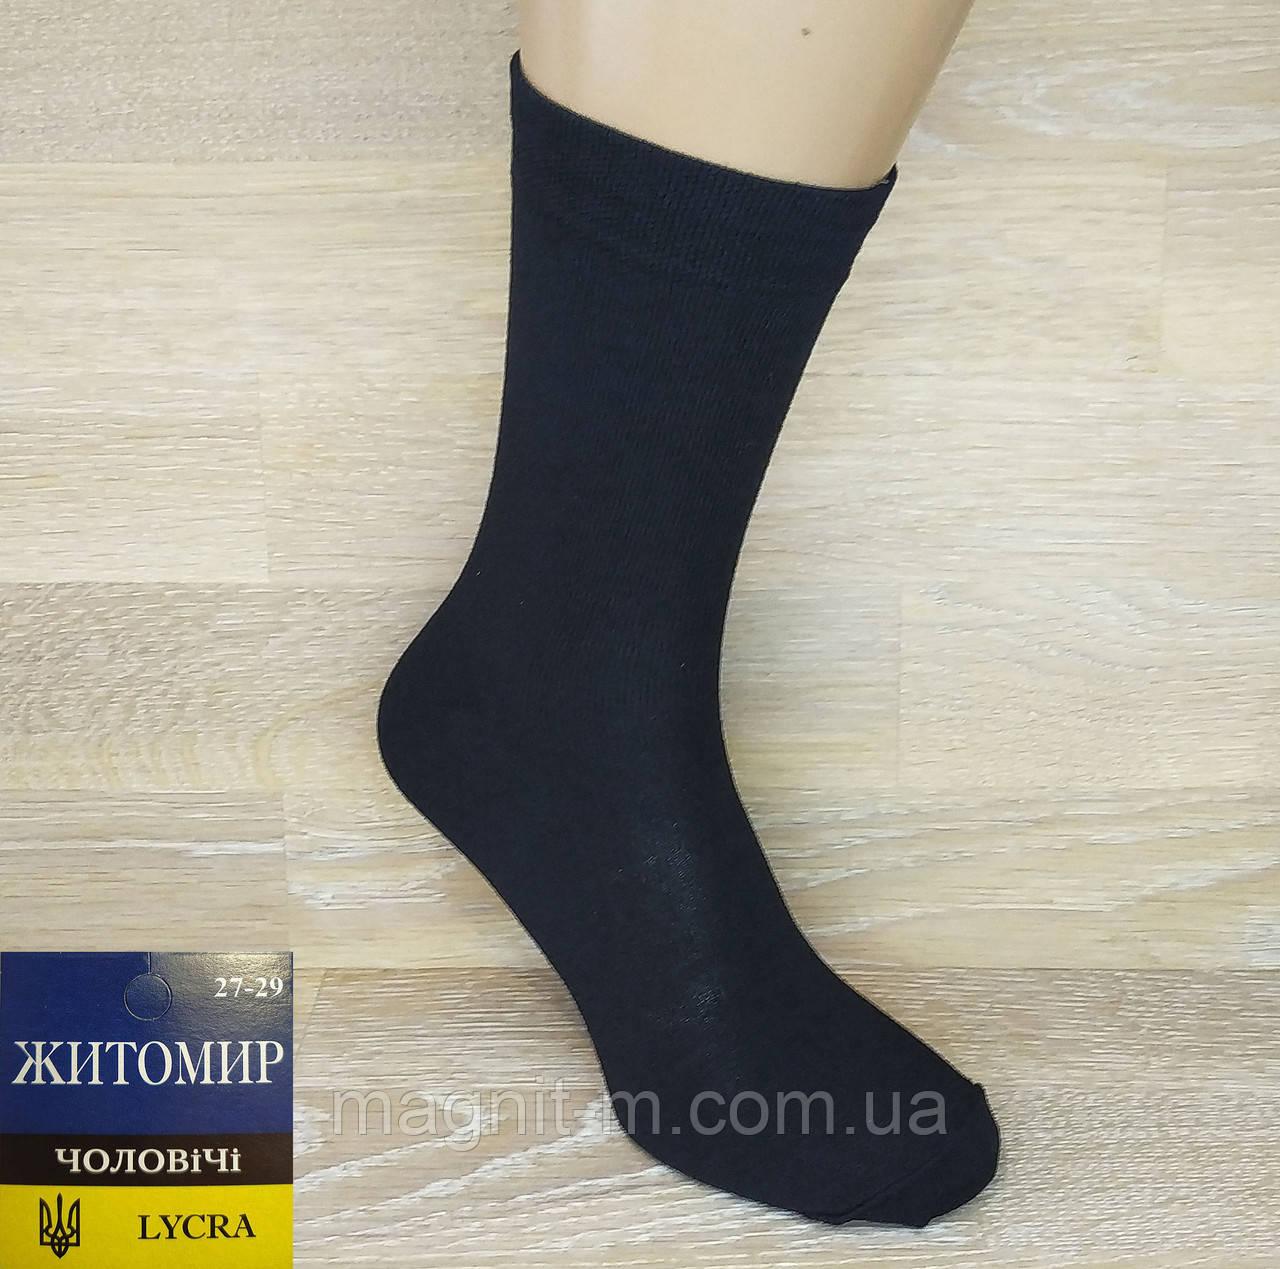 Чоловічі шкарпетки Житомир LYCRA. Чорні.